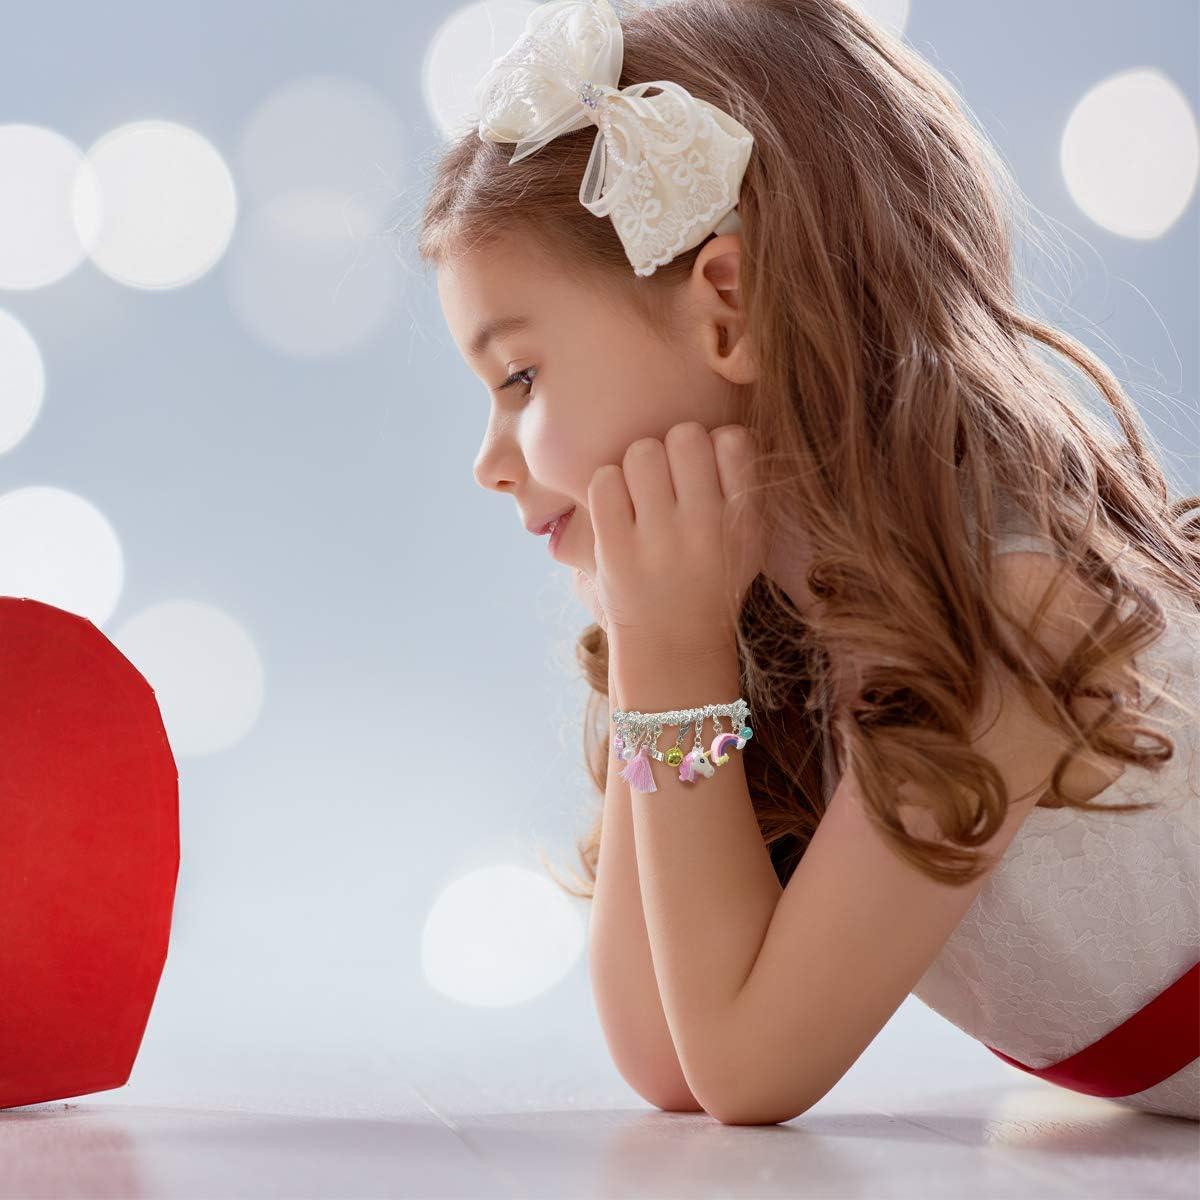 anniversaire amiti/é bracelet /à breloques avec 22 breloques plaqu/é argent cadeau pour fille adolescente Bracelet /à breloques pour fille bleu No/ël